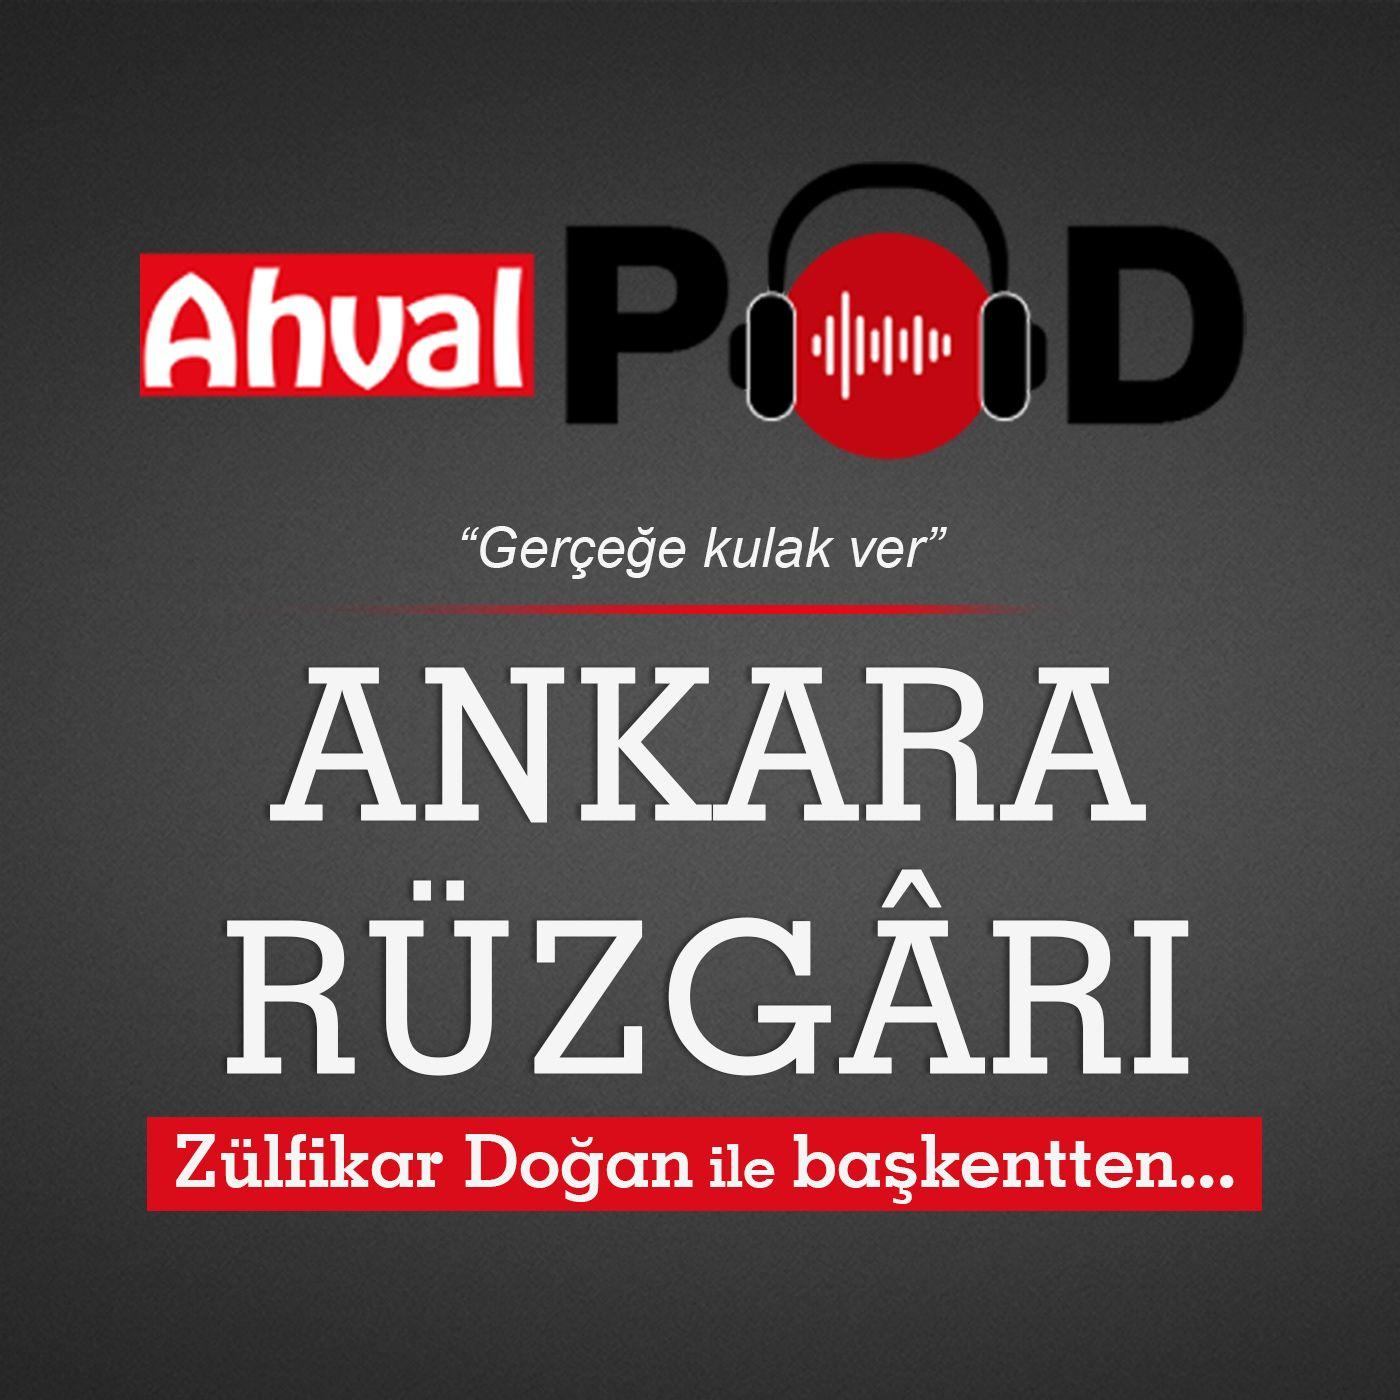 Zülfikar Doğan: Erdoğan yine 'şahlanış yılı' dedi ama 2017'den beri ekonomi tırıs gidiyor